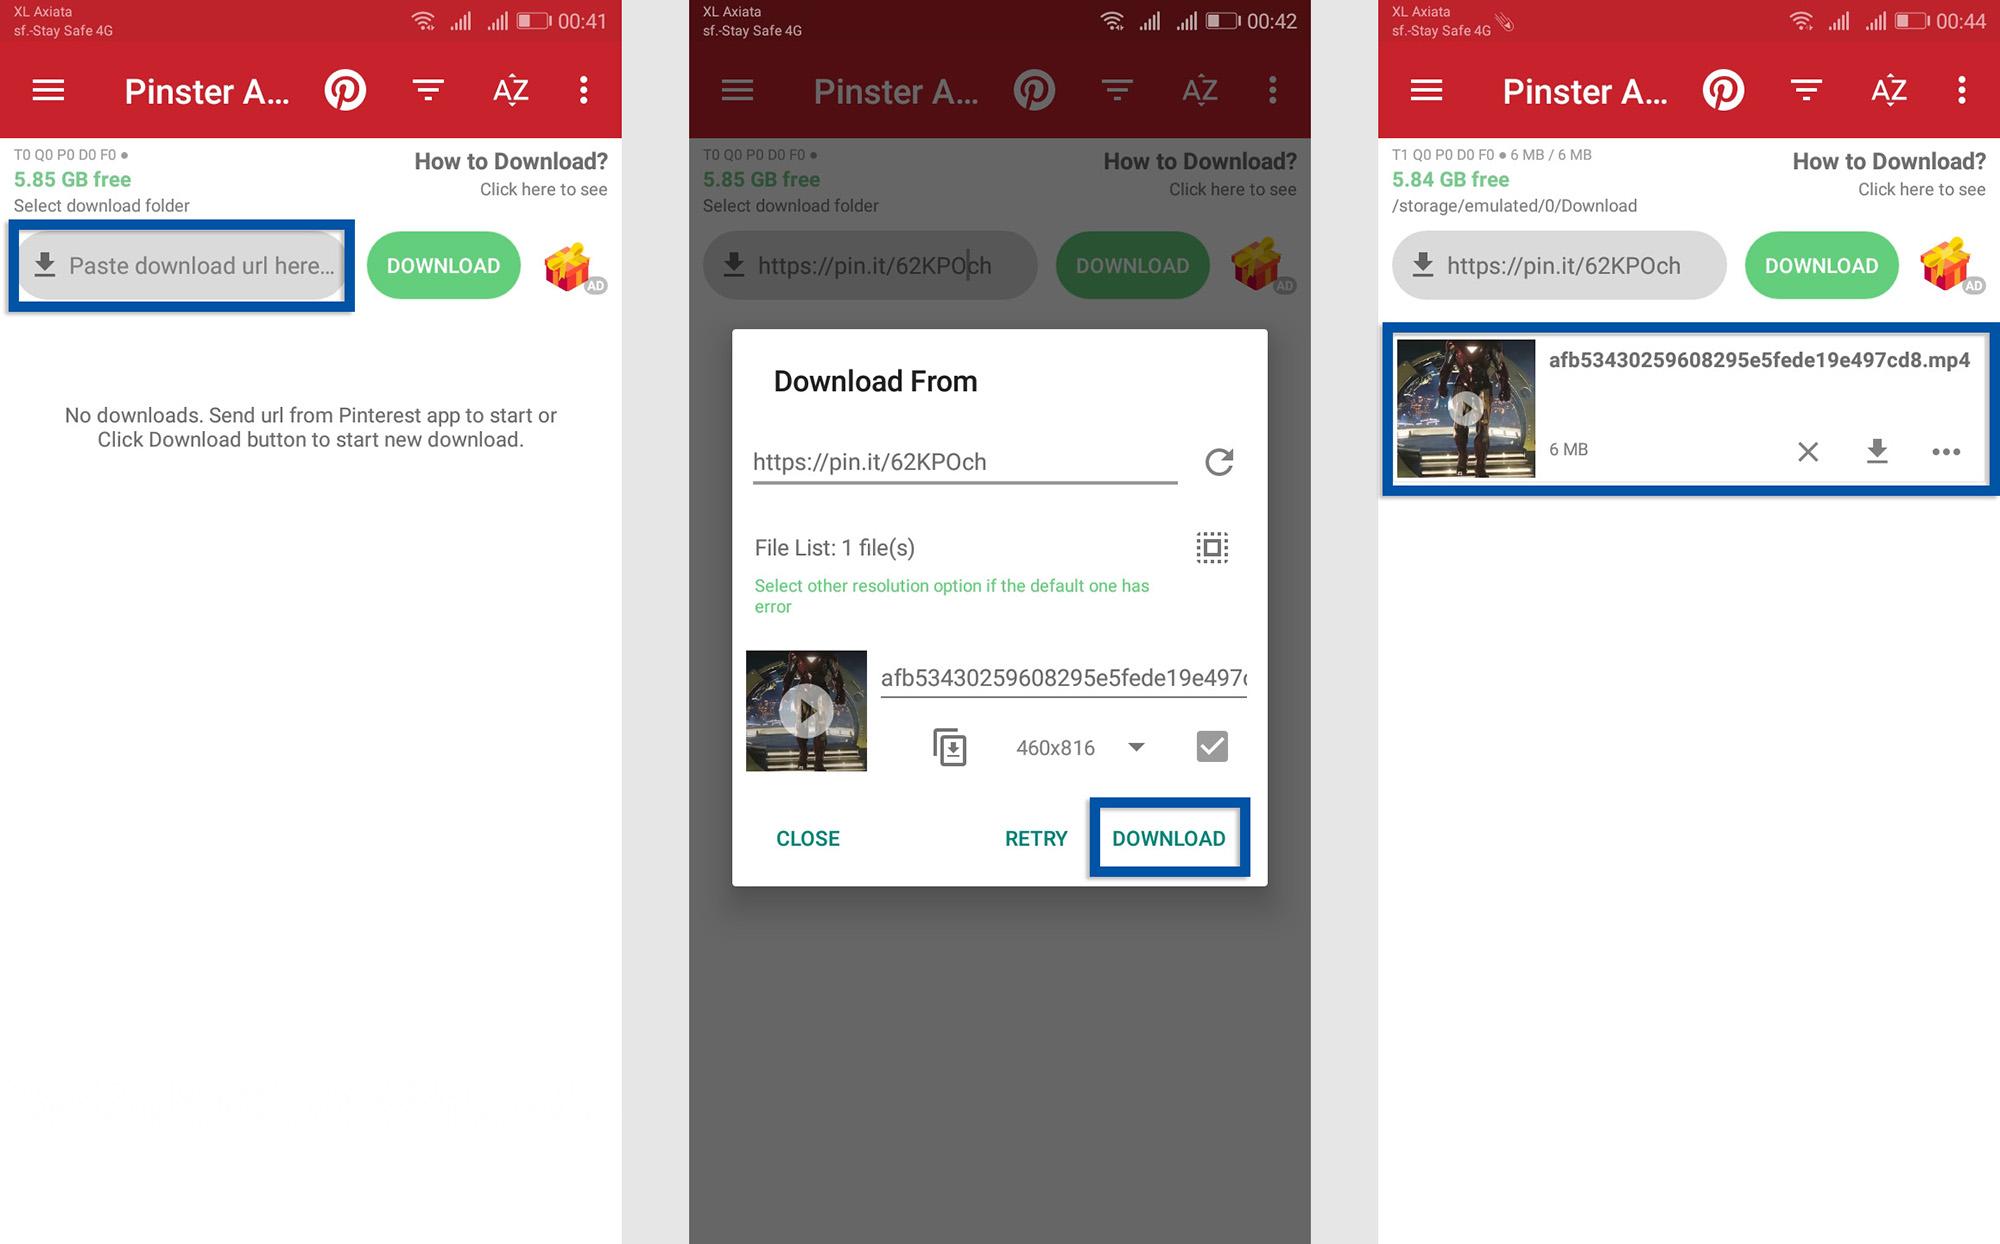 Video Downloader for Pinterest